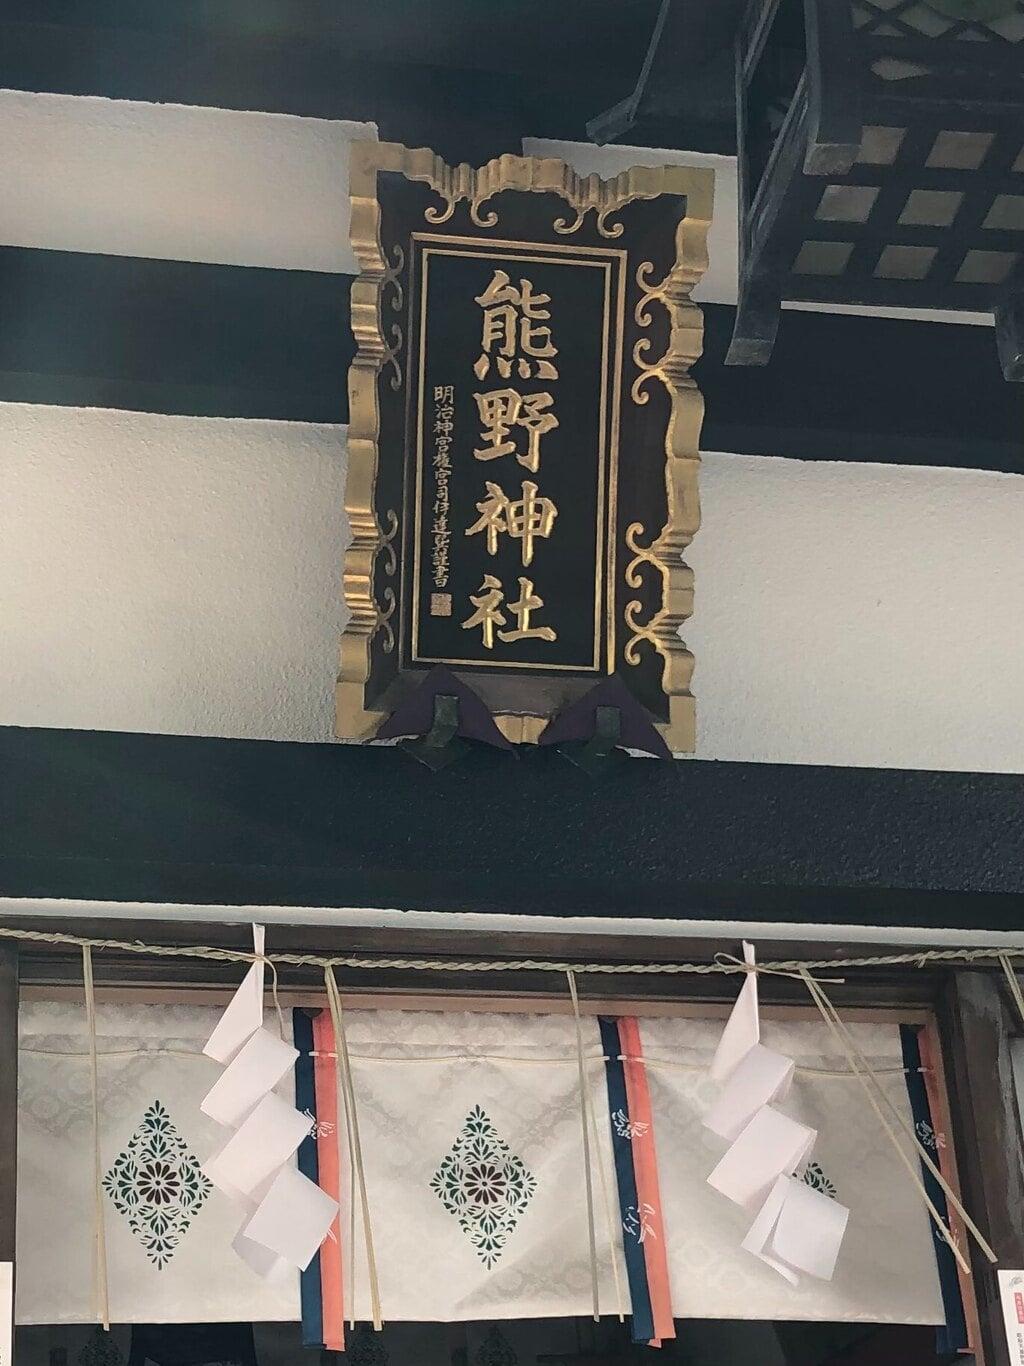 飯倉熊野神社の建物その他